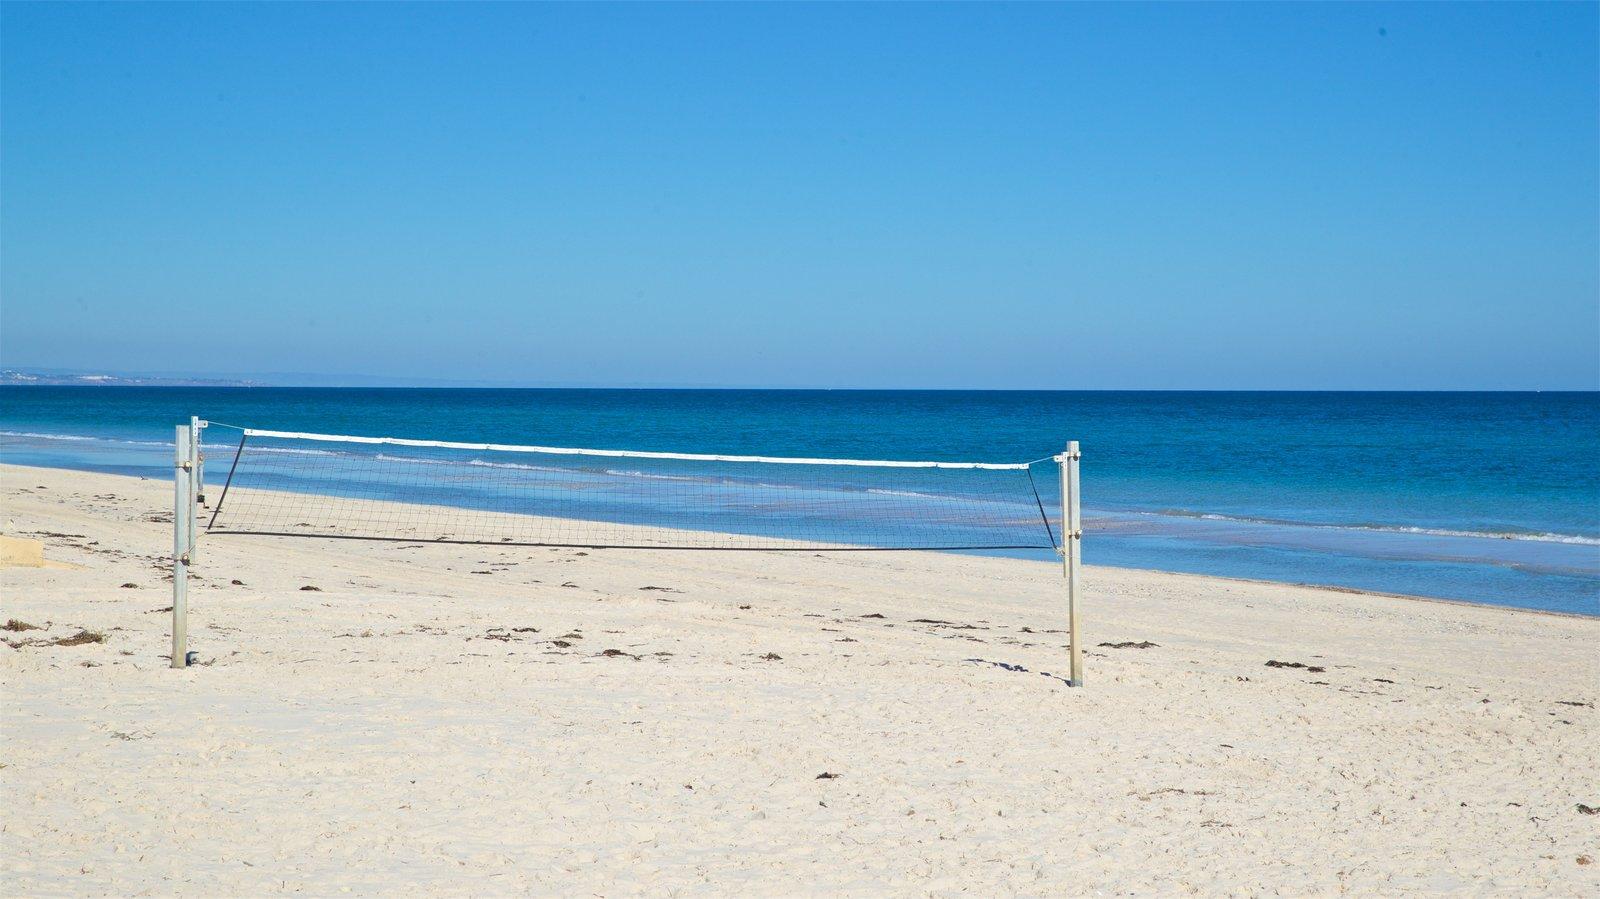 Playa Henley que incluye una playa y vistas generales de la costa